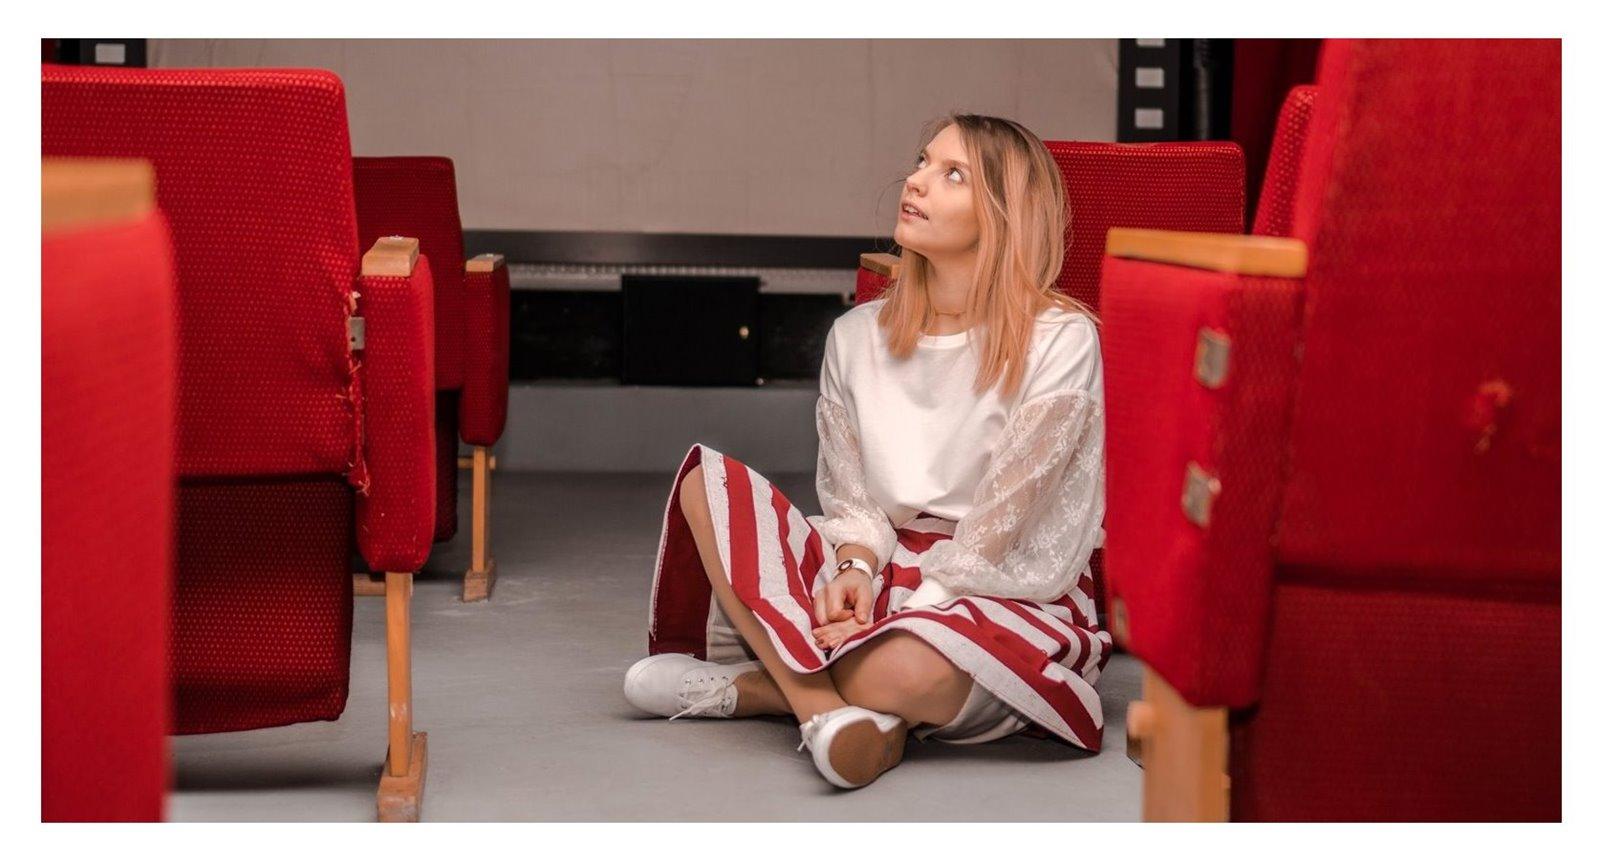 6 Skirt story spódnice szyte na miarę krawiectwo krawcowa online pomysł na prezent dla żony narzeczonej mamy szycie spódnic kraków łódź stylowe hotele stare kino w łodzi opinie recenzje pokoje gdzie się zatrzymać